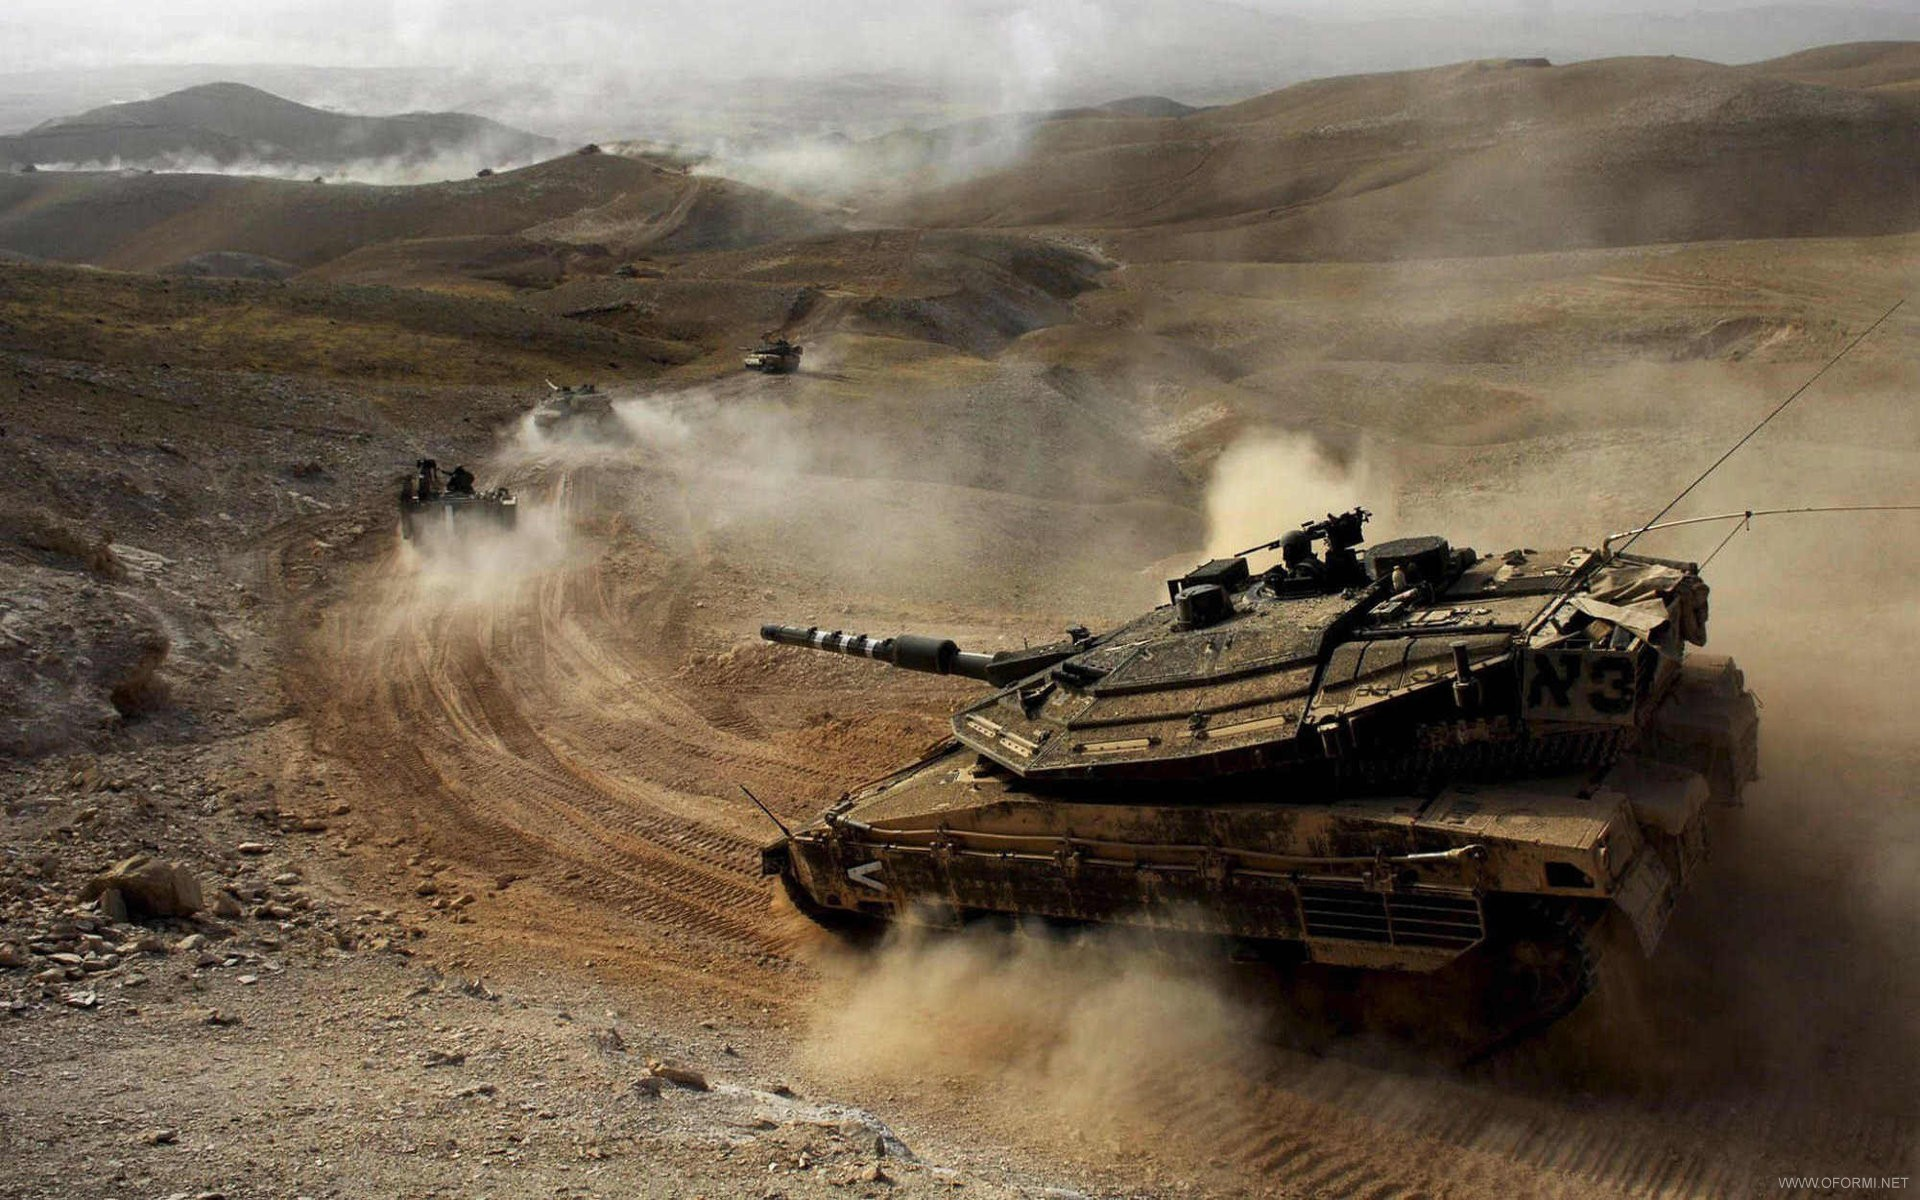 Графика по полю танки по полю танки